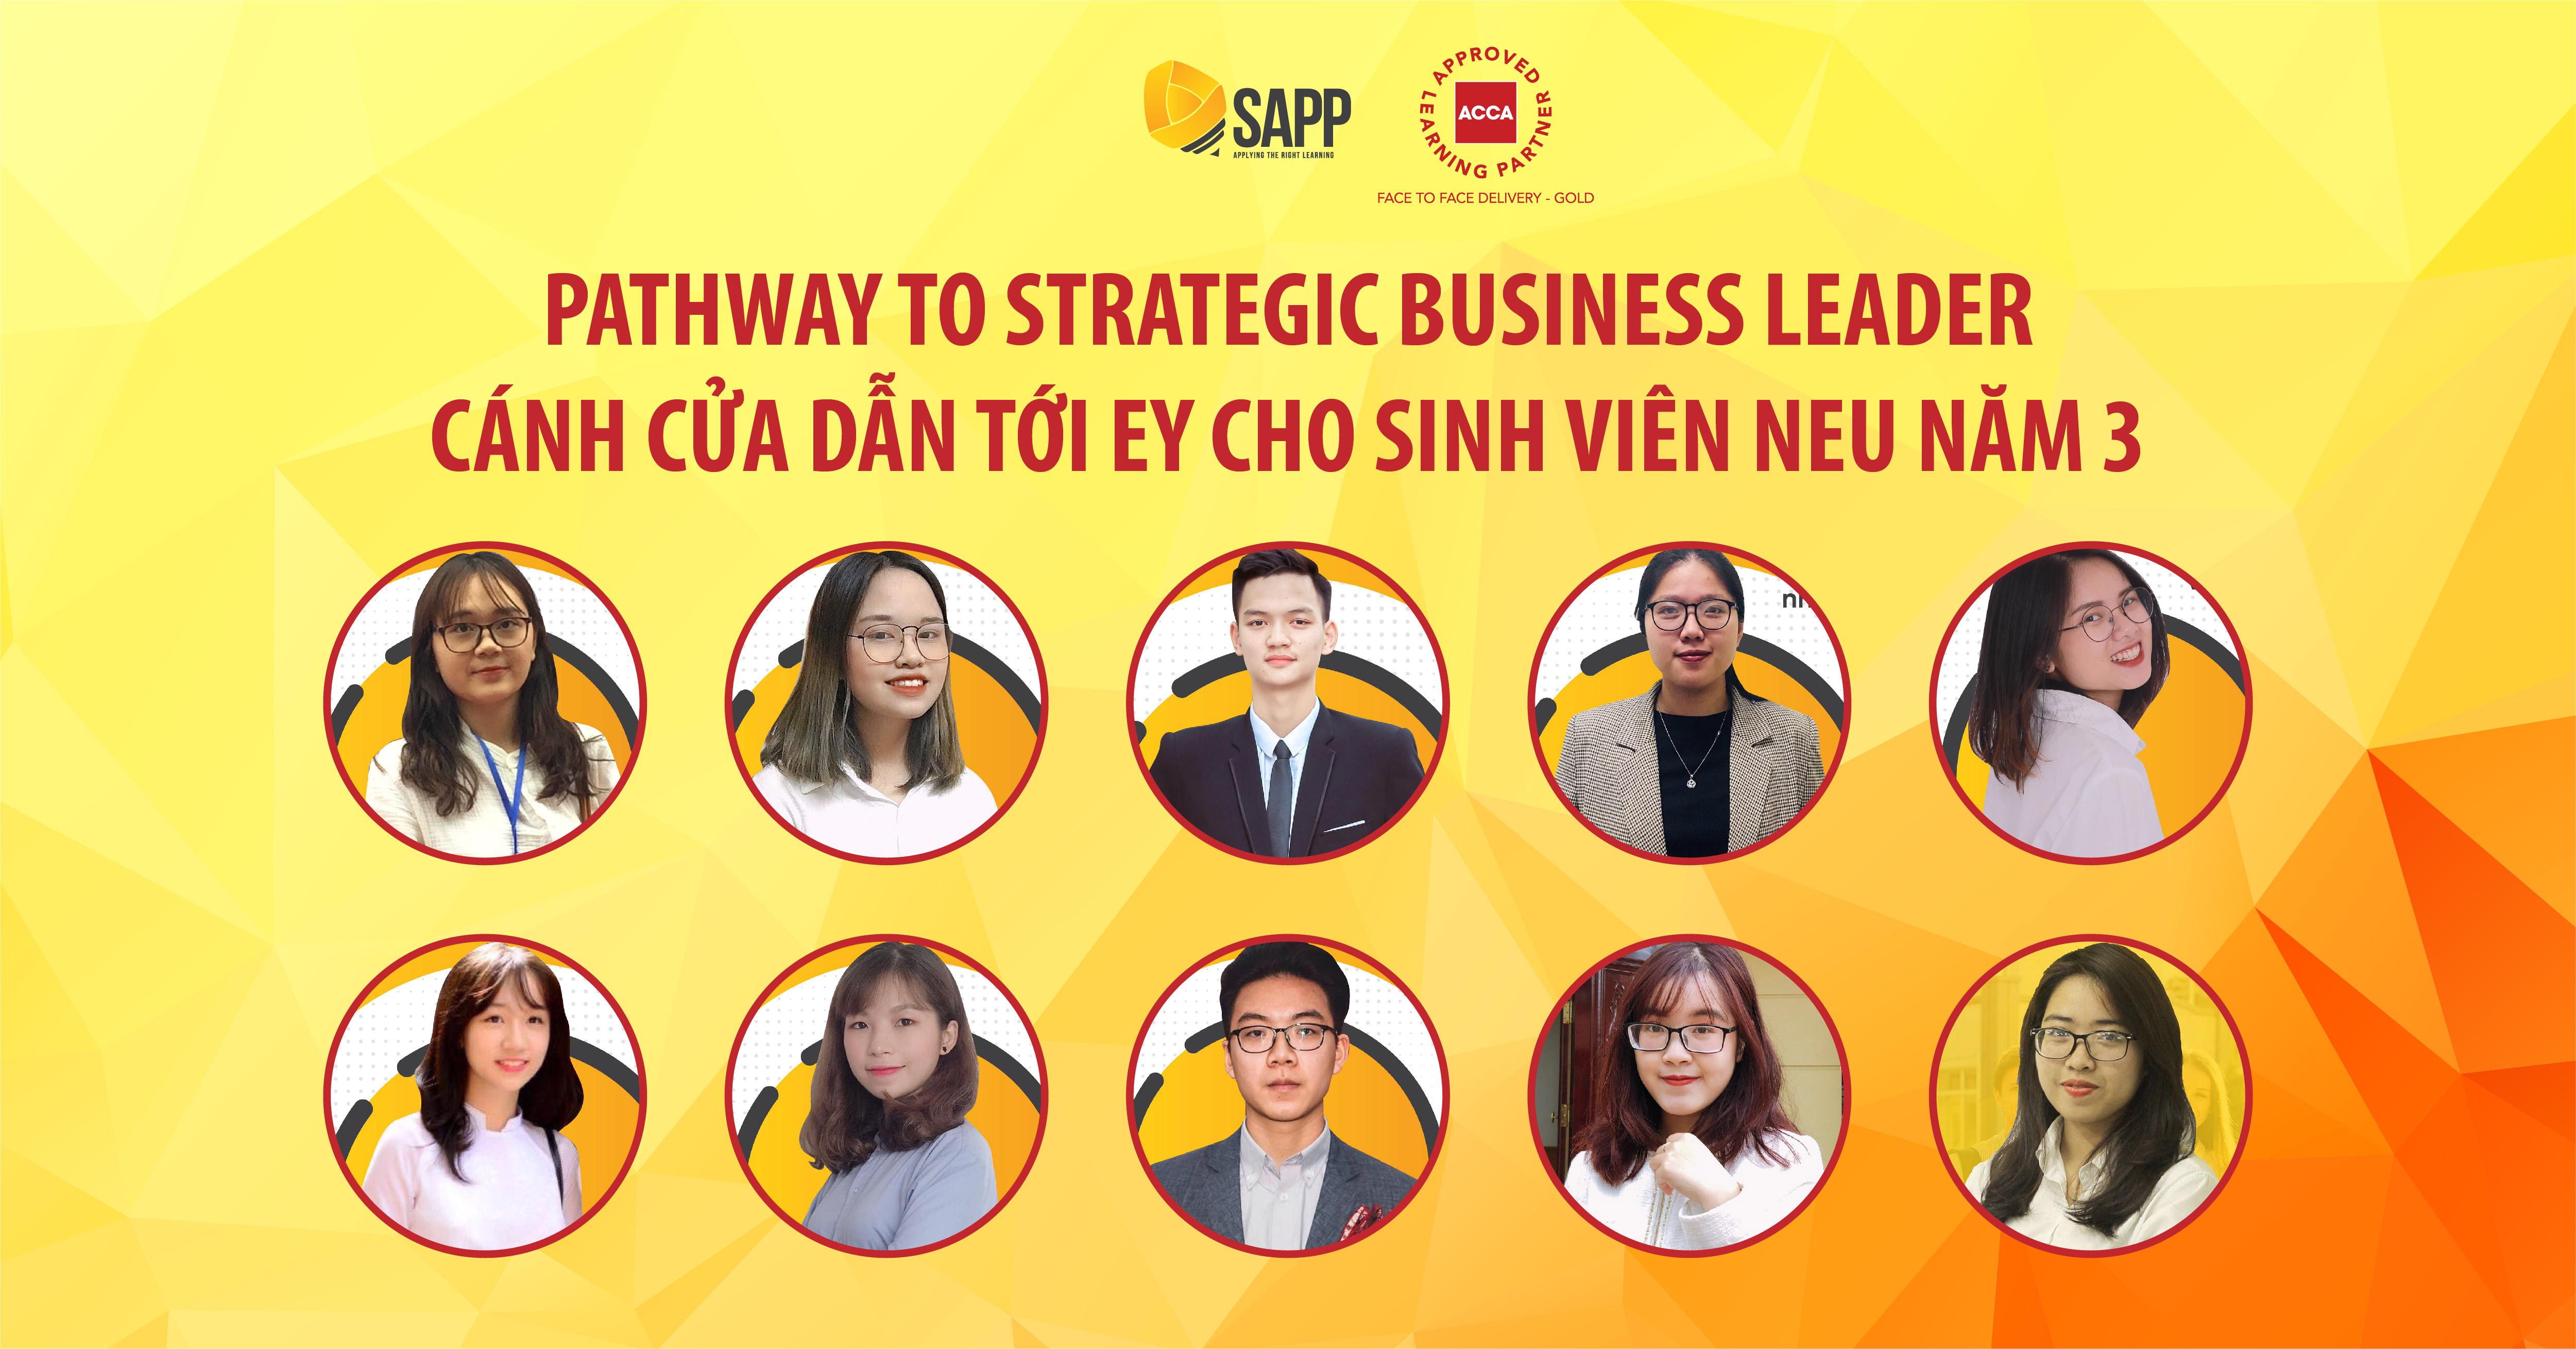 Pathway To Strategic Business Leader - Cánh Cửa Dẫn Tới EY Cho Sinh Viên NEU Ngay Từ Năm 3